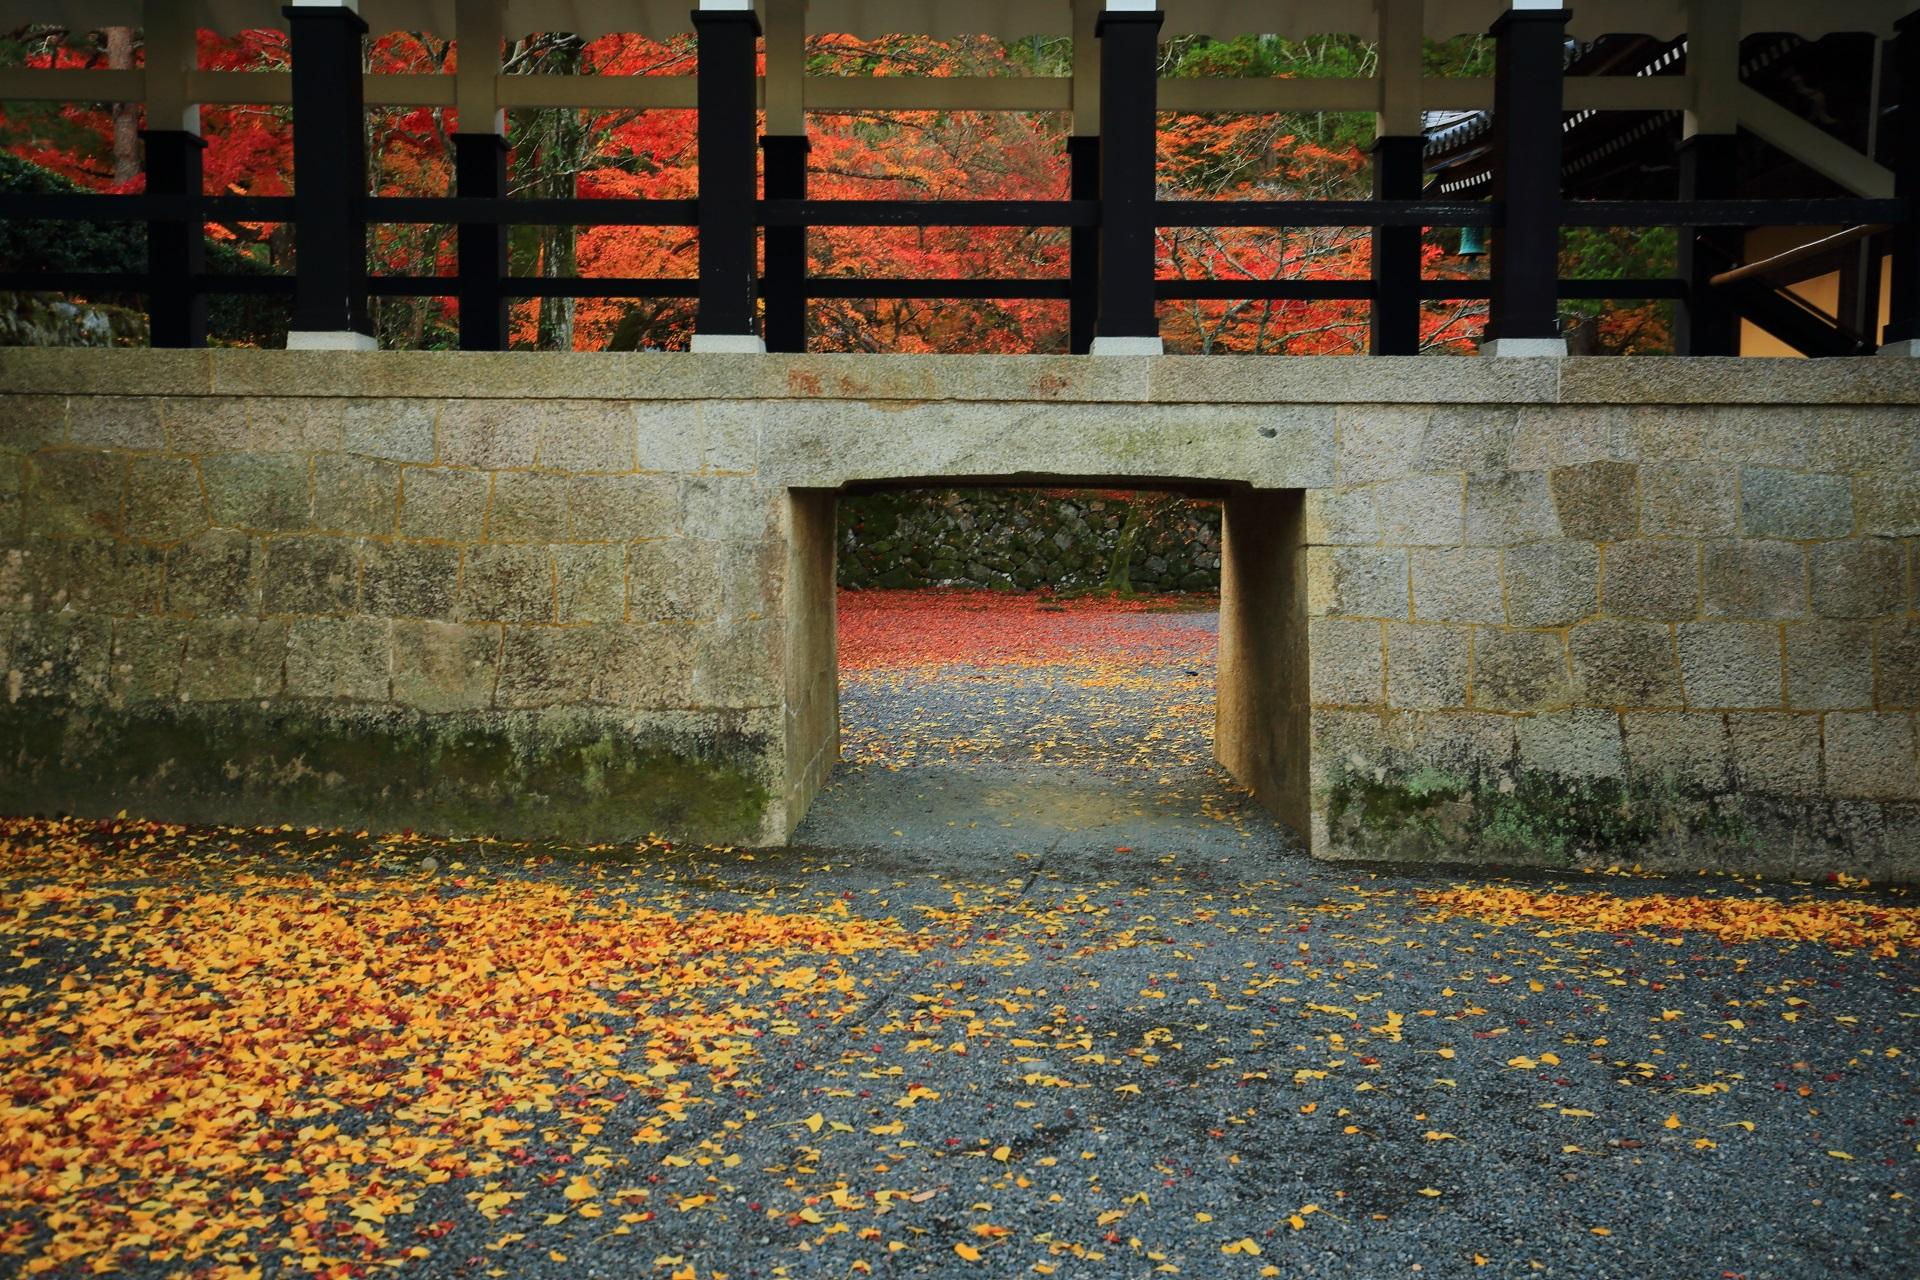 南禅寺の法堂と方丈をつなぐ渡廊下と紅葉